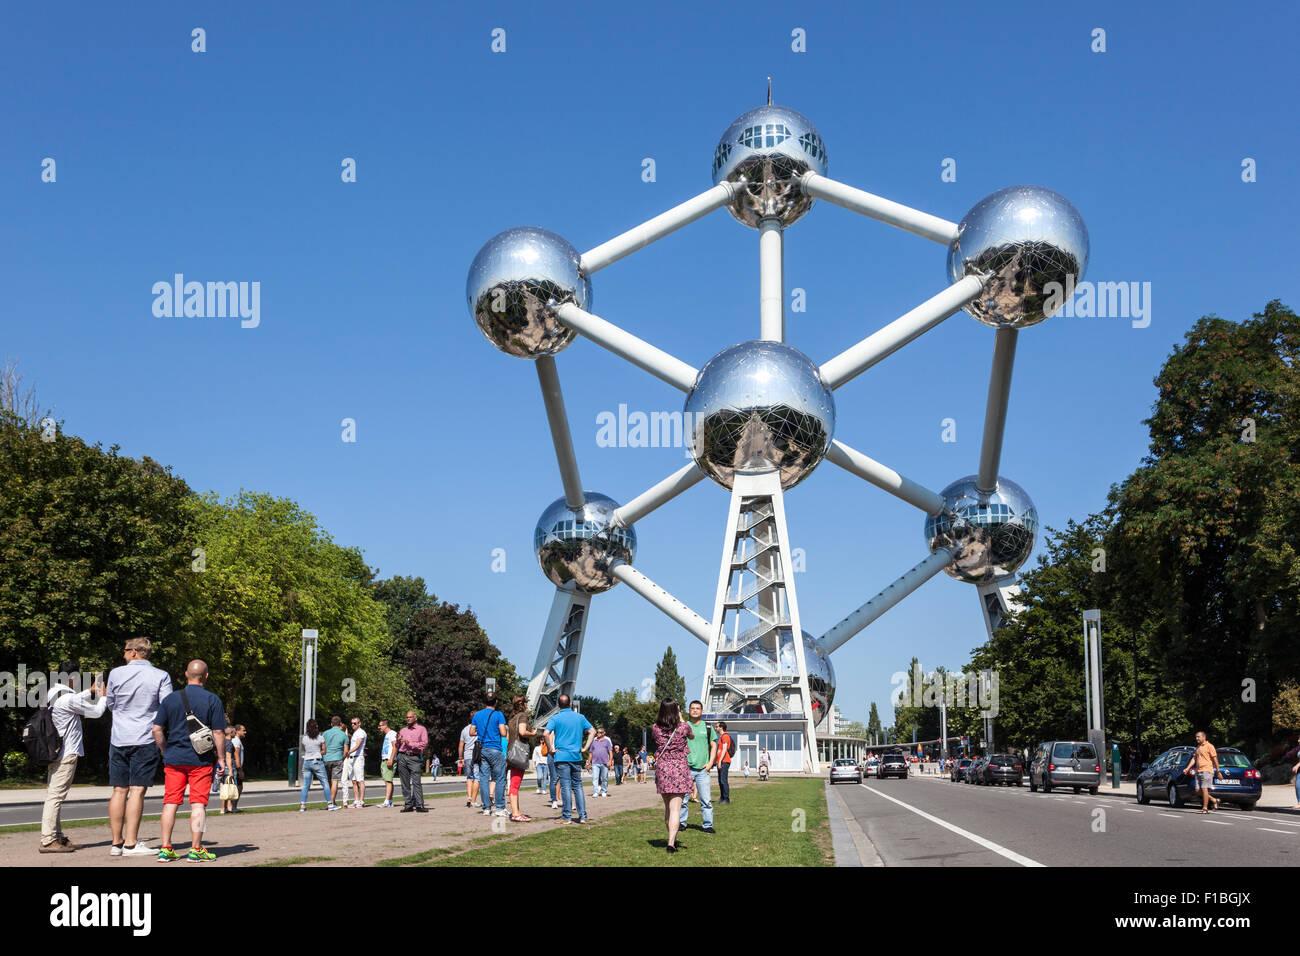 The Atomium building in Brussels, Belgium Stock Photo